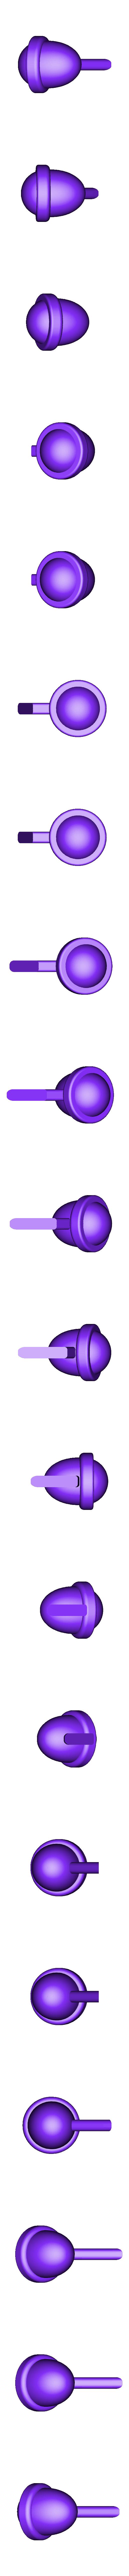 Top_Light.stl Télécharger fichier 3MF gratuit LIMACE MÉTALLIQUE - NOP-03 SARUBIE • Plan imprimable en 3D, FreeBug